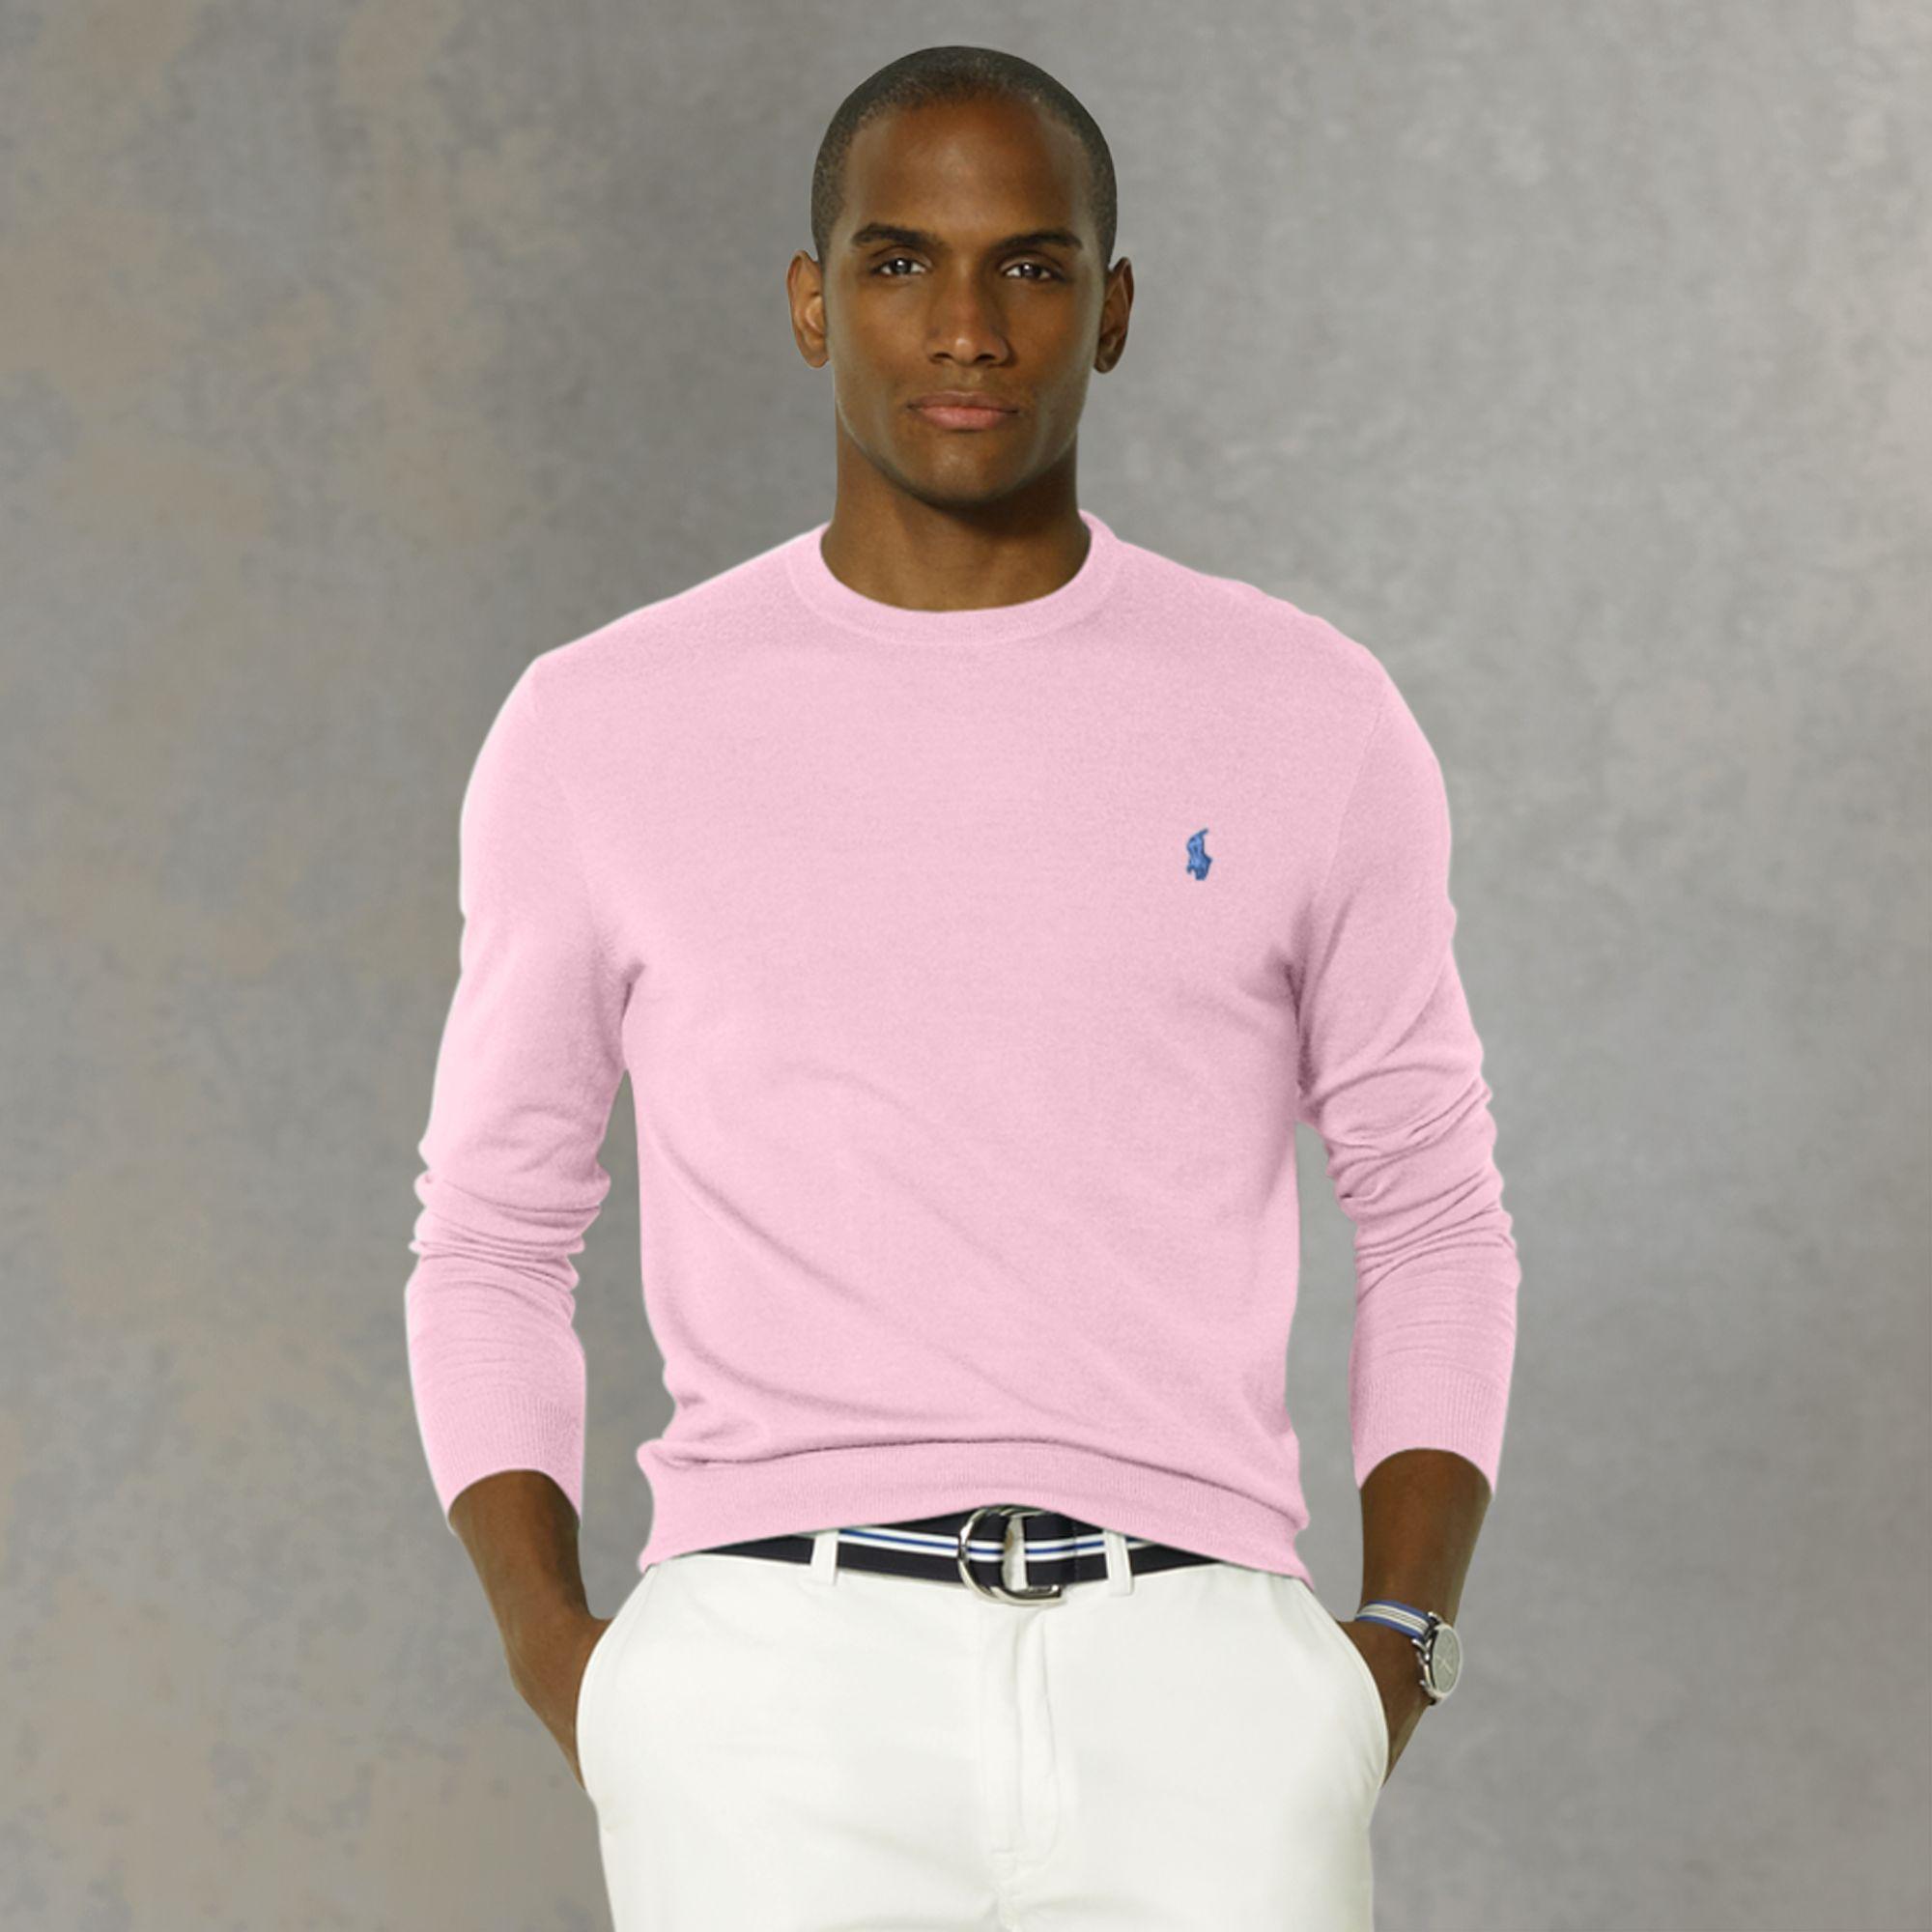 promo code ralph lauren slim fit sweater 394de 3ca4b